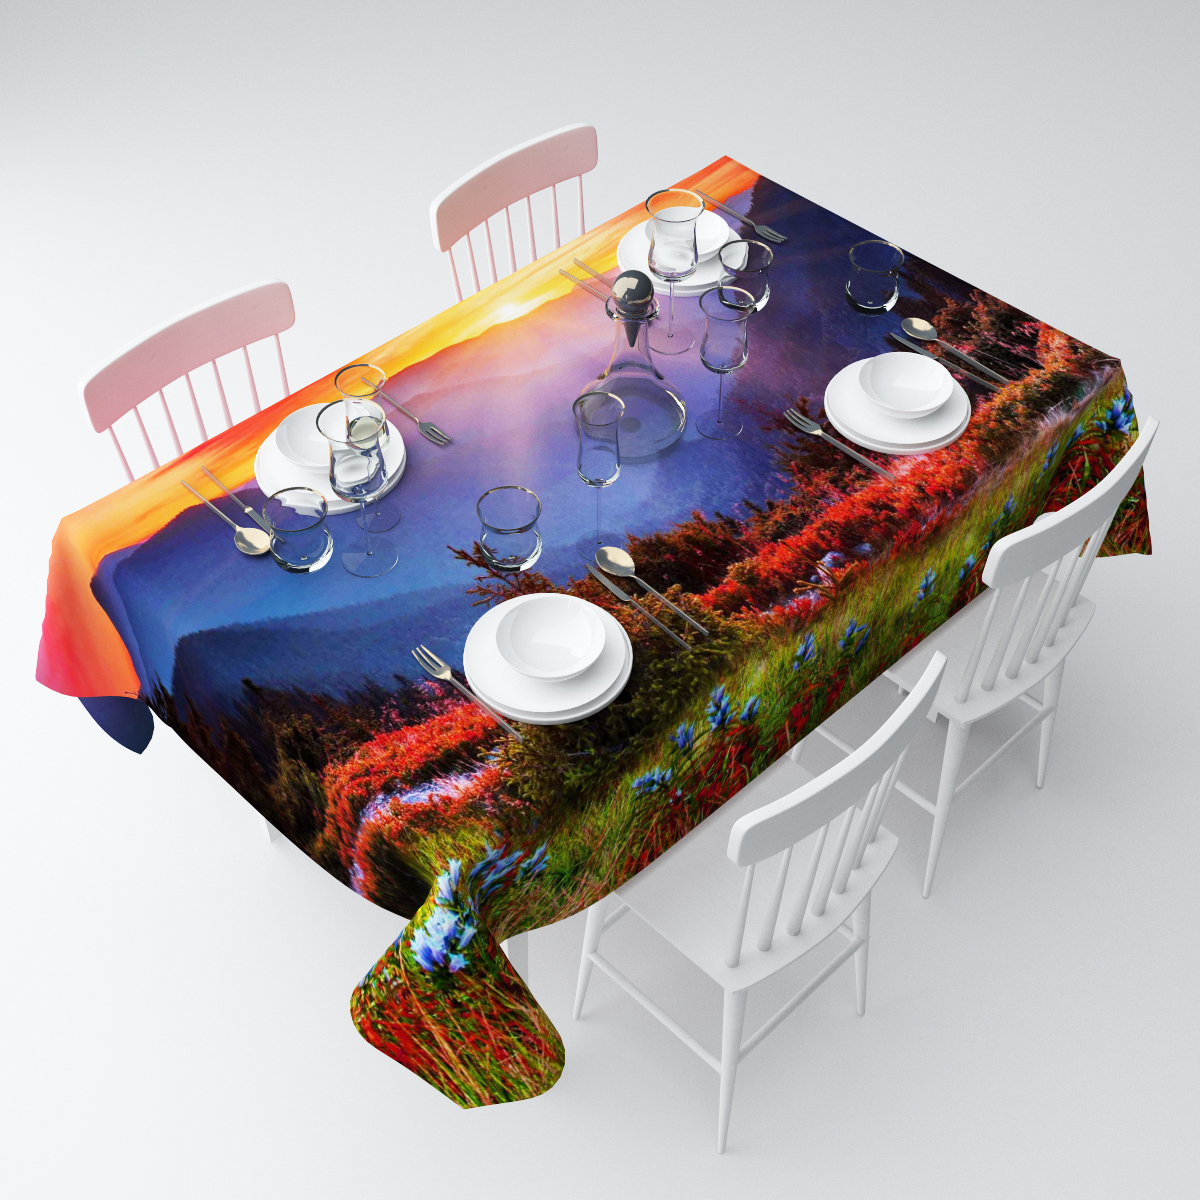 Скатерть Сирень Восход в горах, прямоугольная, 145 х 120 смСКГБ003-04560Скатерть Сирень с ярким и объемным рисунком преобразит Вашу кухню, визуально расширит пространство, создаст атмосферу радости и комфорта. Размеры: 145х120 Рекомендации по уходу: стирка при 30 градусах гладить при температуре до 110 градусов Изображение на мониторе может немного отличаться от реального.